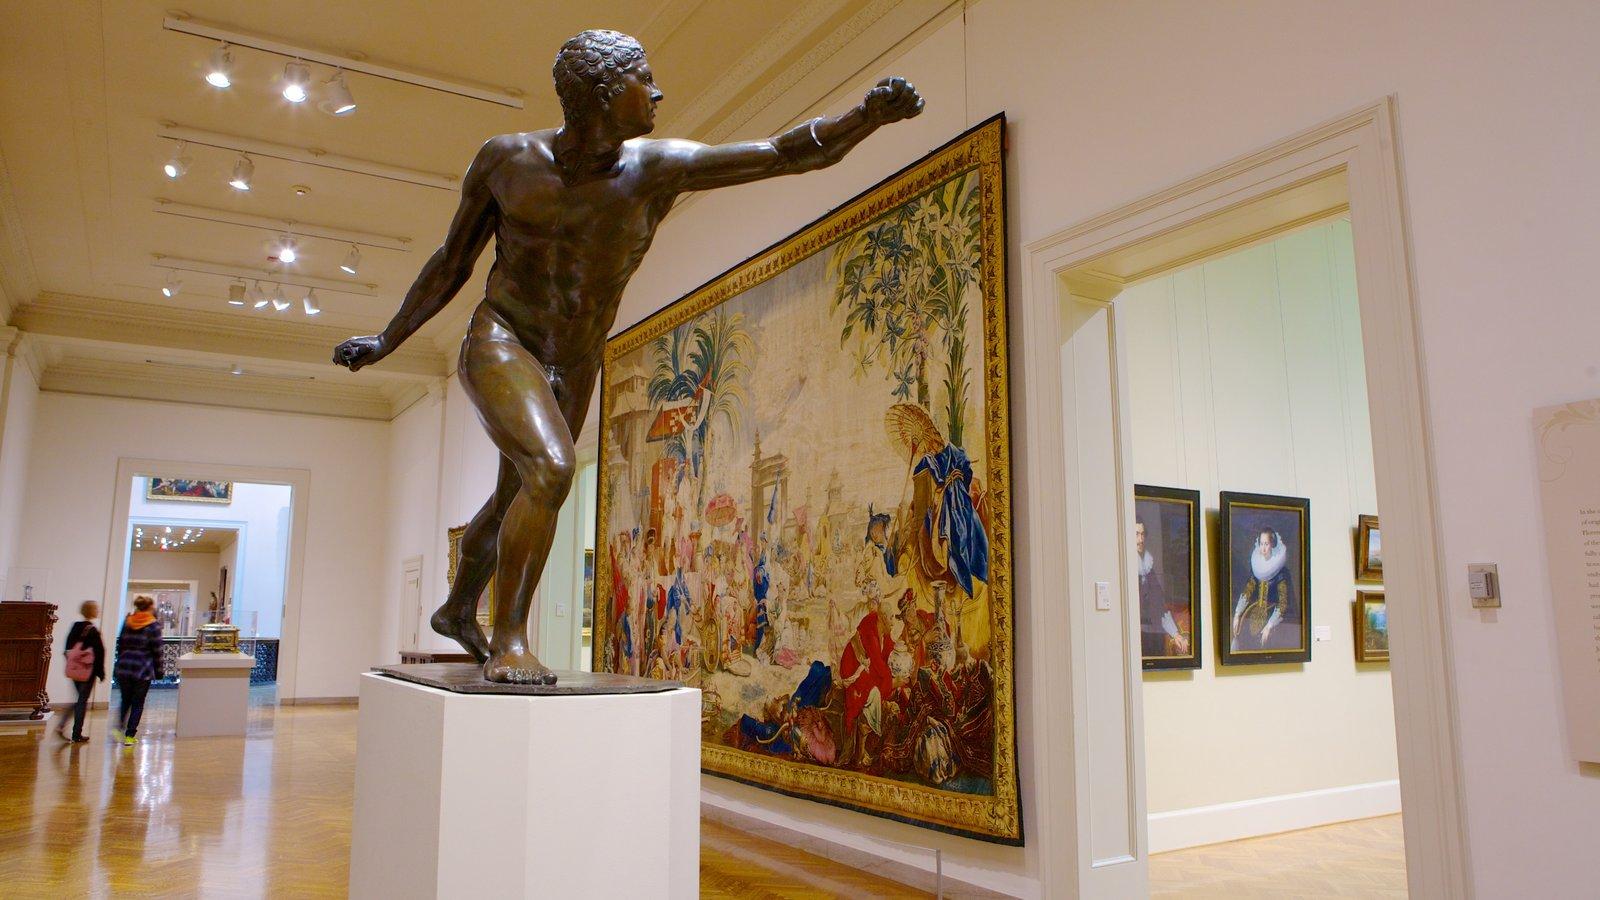 Minneapolis Institute of Arts mostrando vistas internas, uma estátua ou escultura e arte